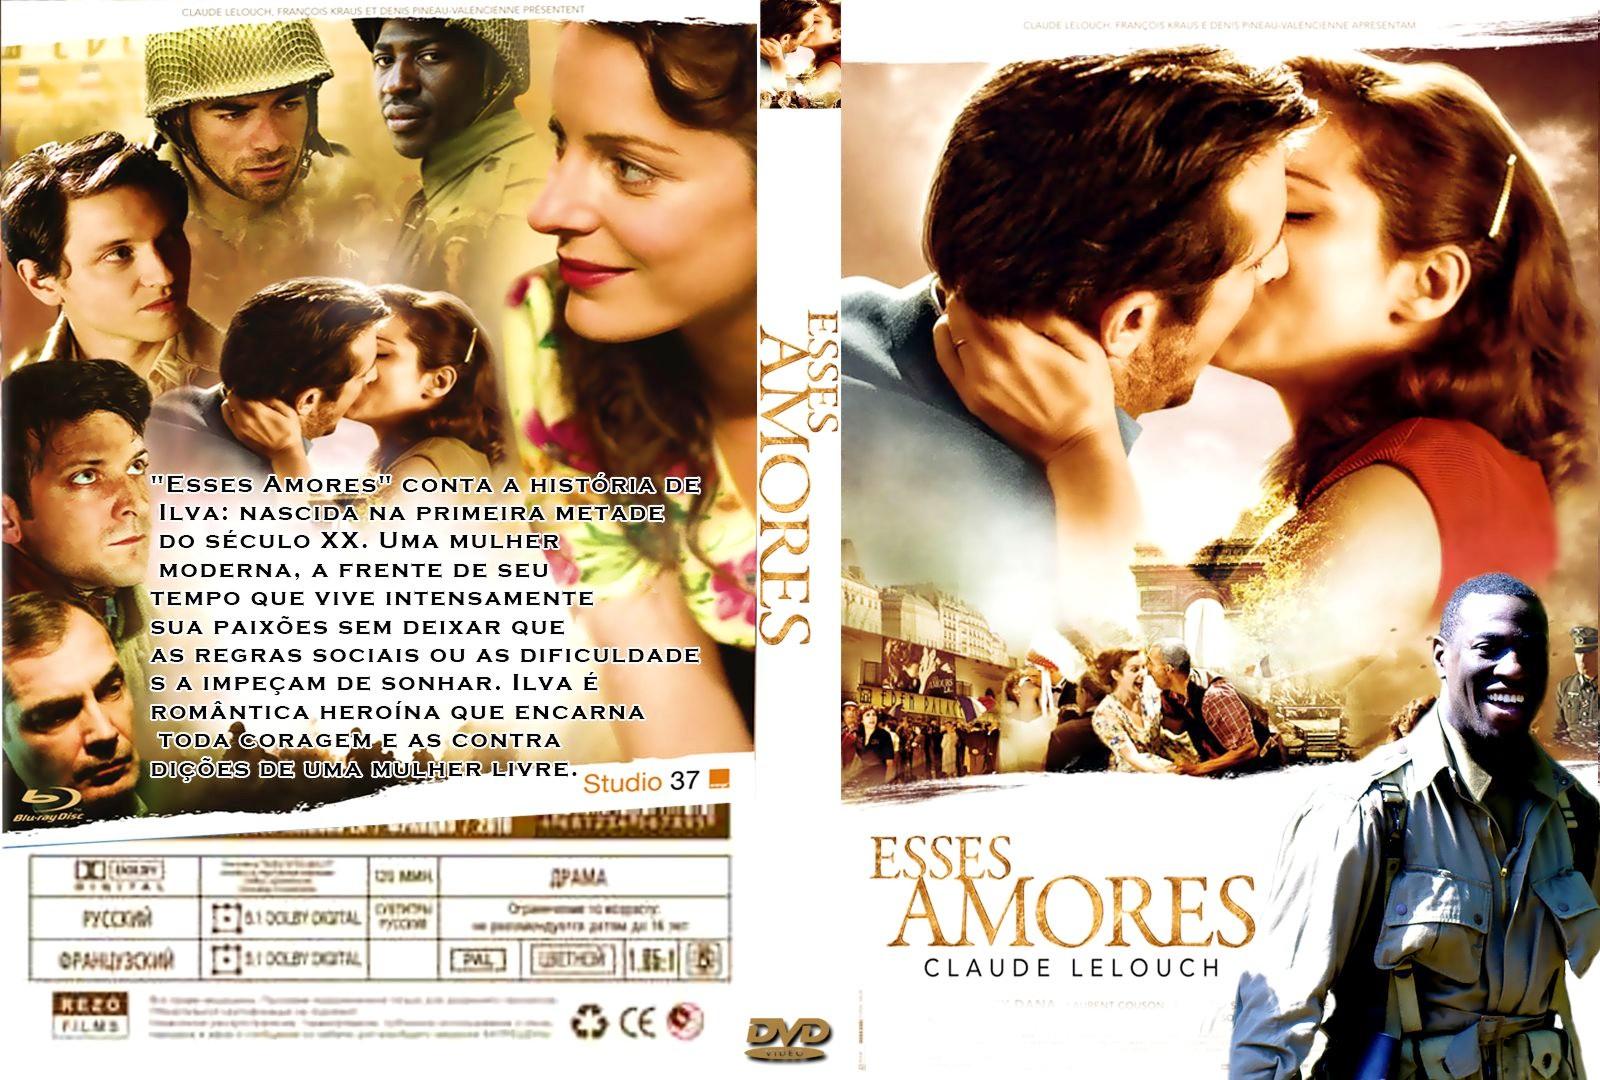 esses amores filme